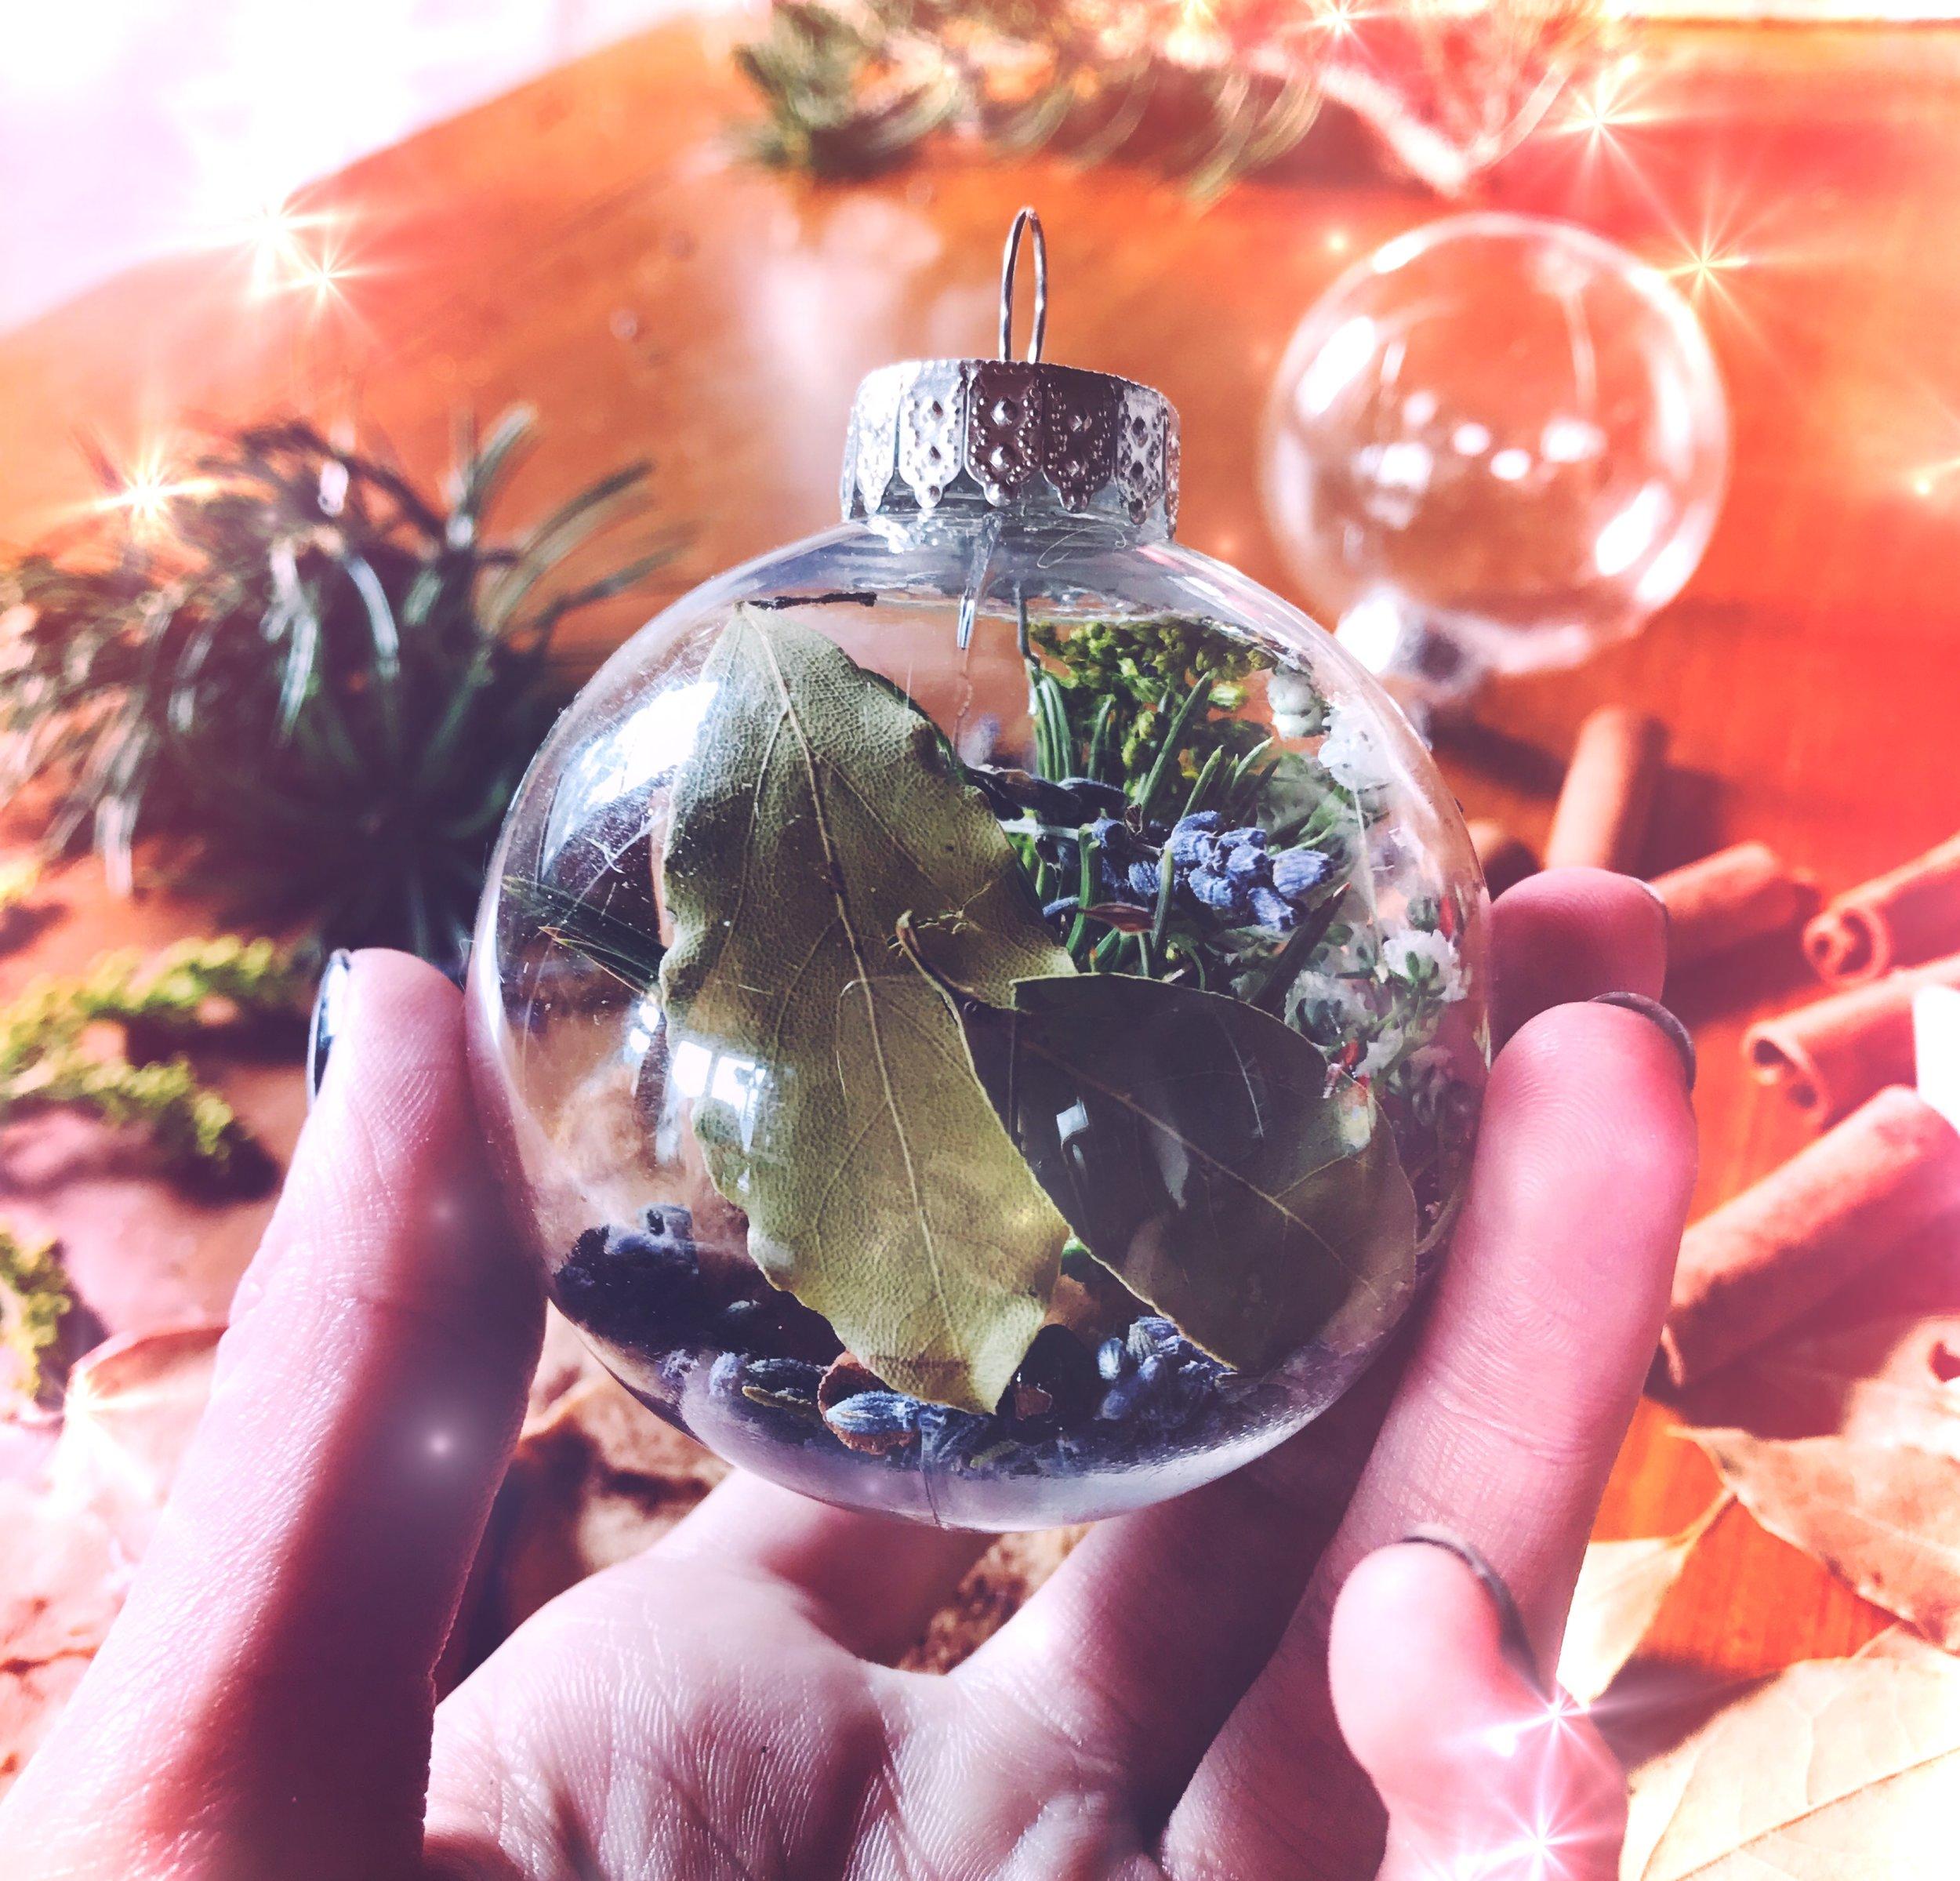 Creating a witches Bauble Bottle Ornament for Christas | spirit de la Lune